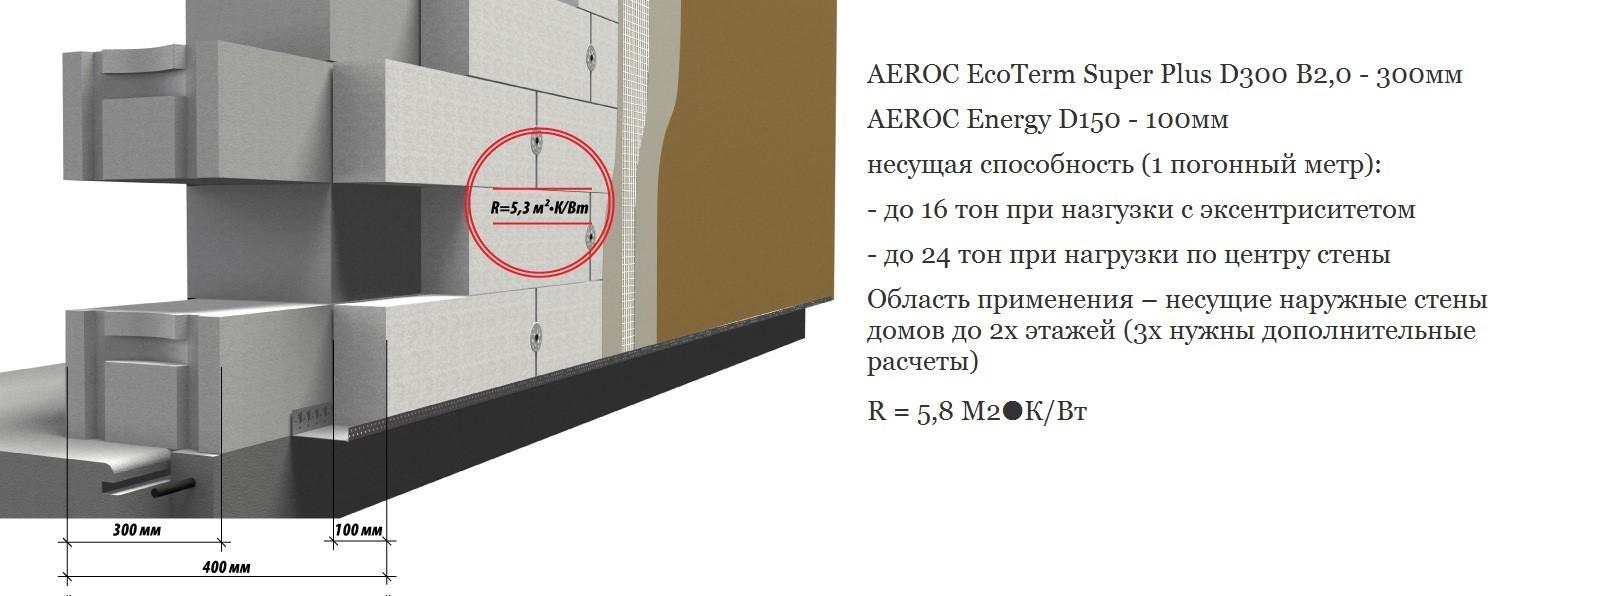 «AEROC»«EcoTerm»«SuperPlus» D300 + « Energy»